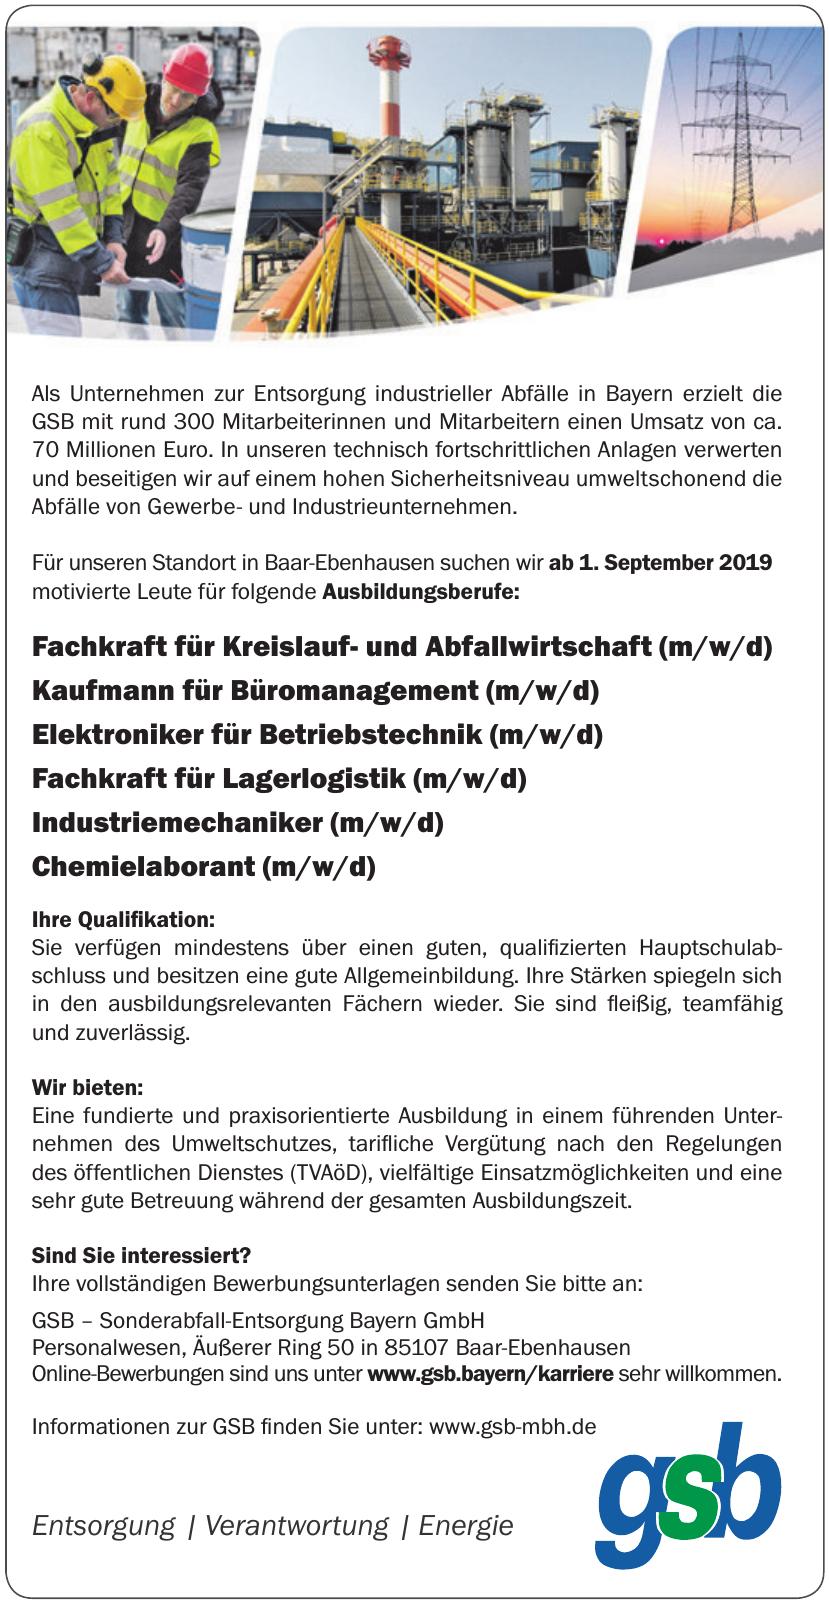 GSB – Sonderabfall-Entsorgung Bayern GmbH